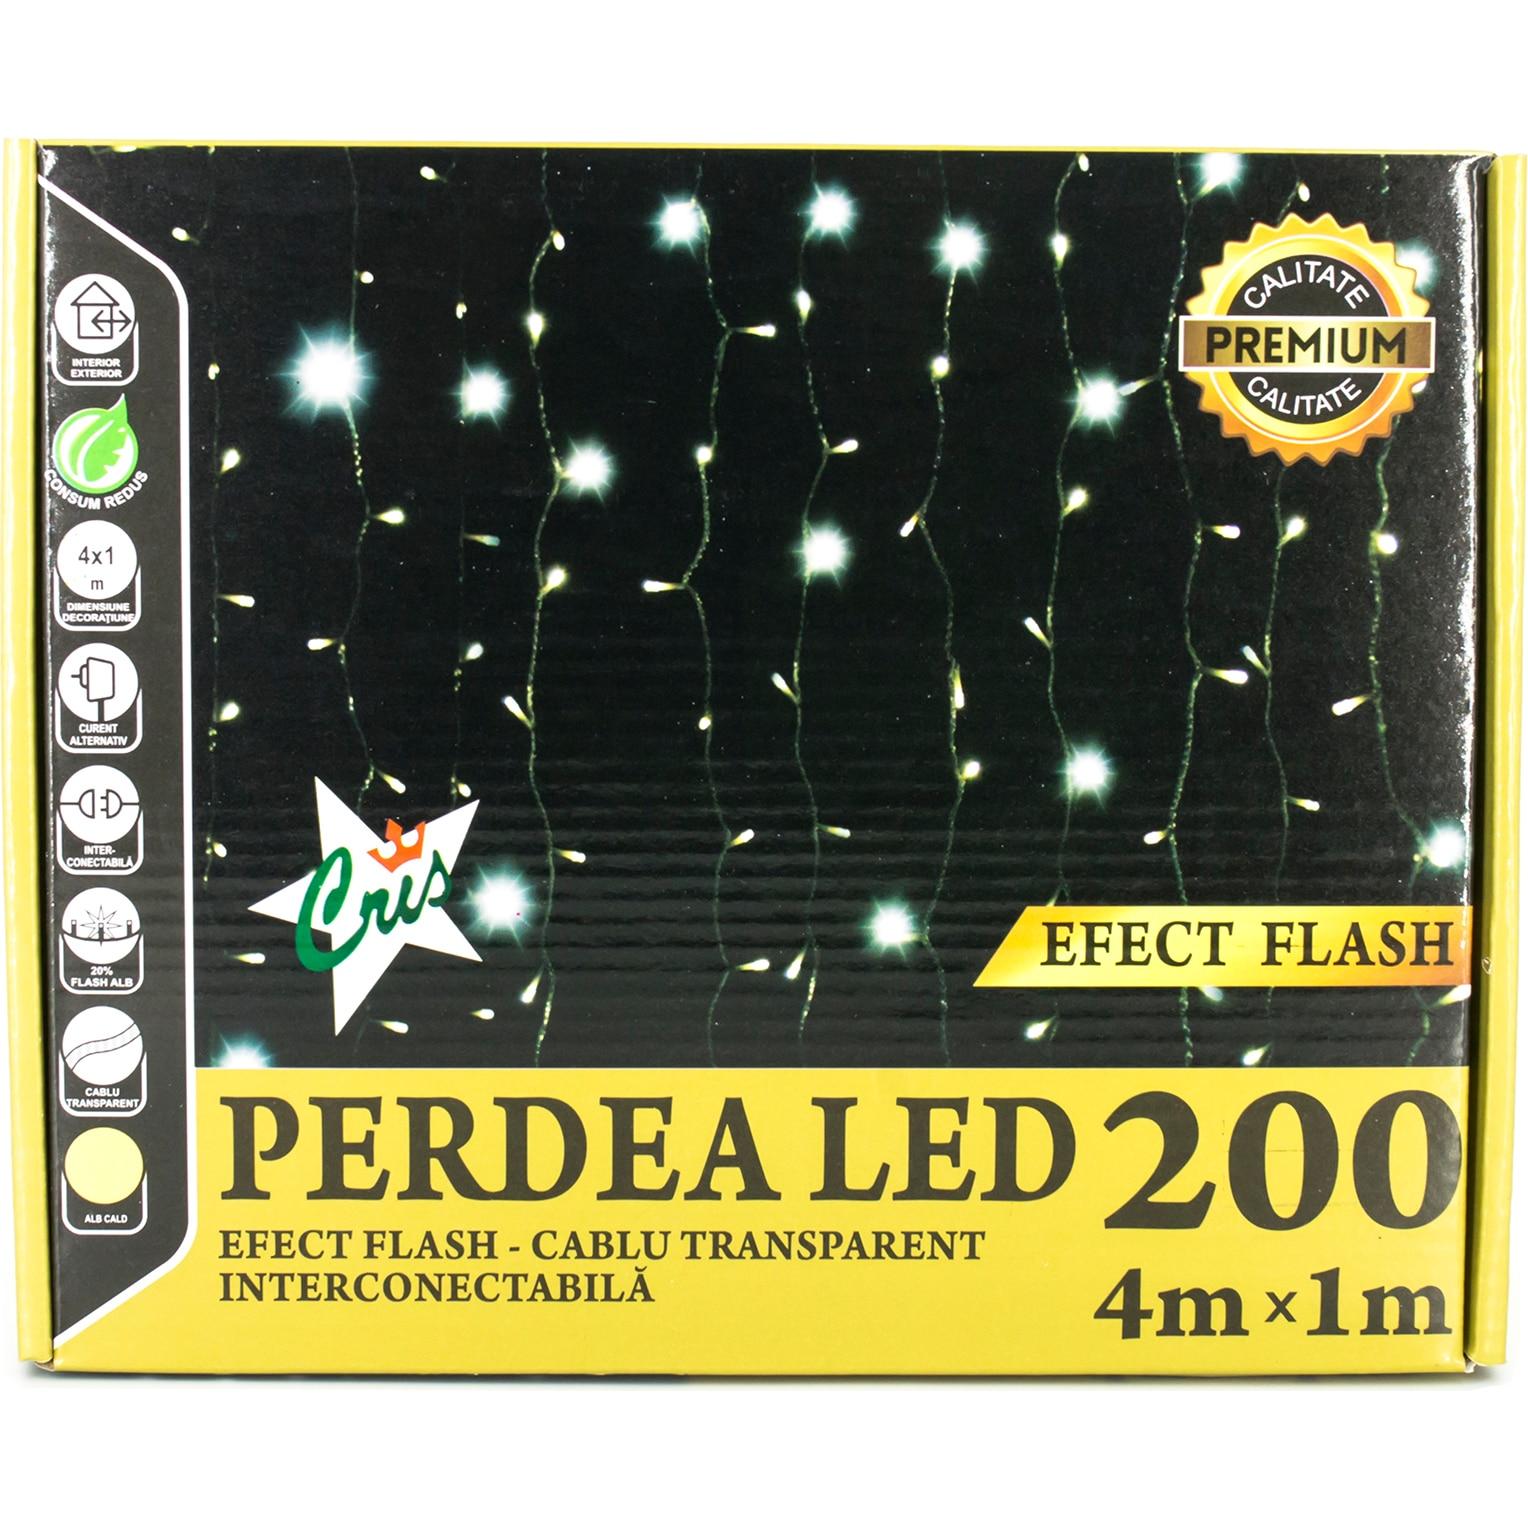 Fotografie Instalatie Decorativa Cris, Perdea 200Led , 4X1M , cu Flash, Interconectabila, Alb Cald, Exterior/